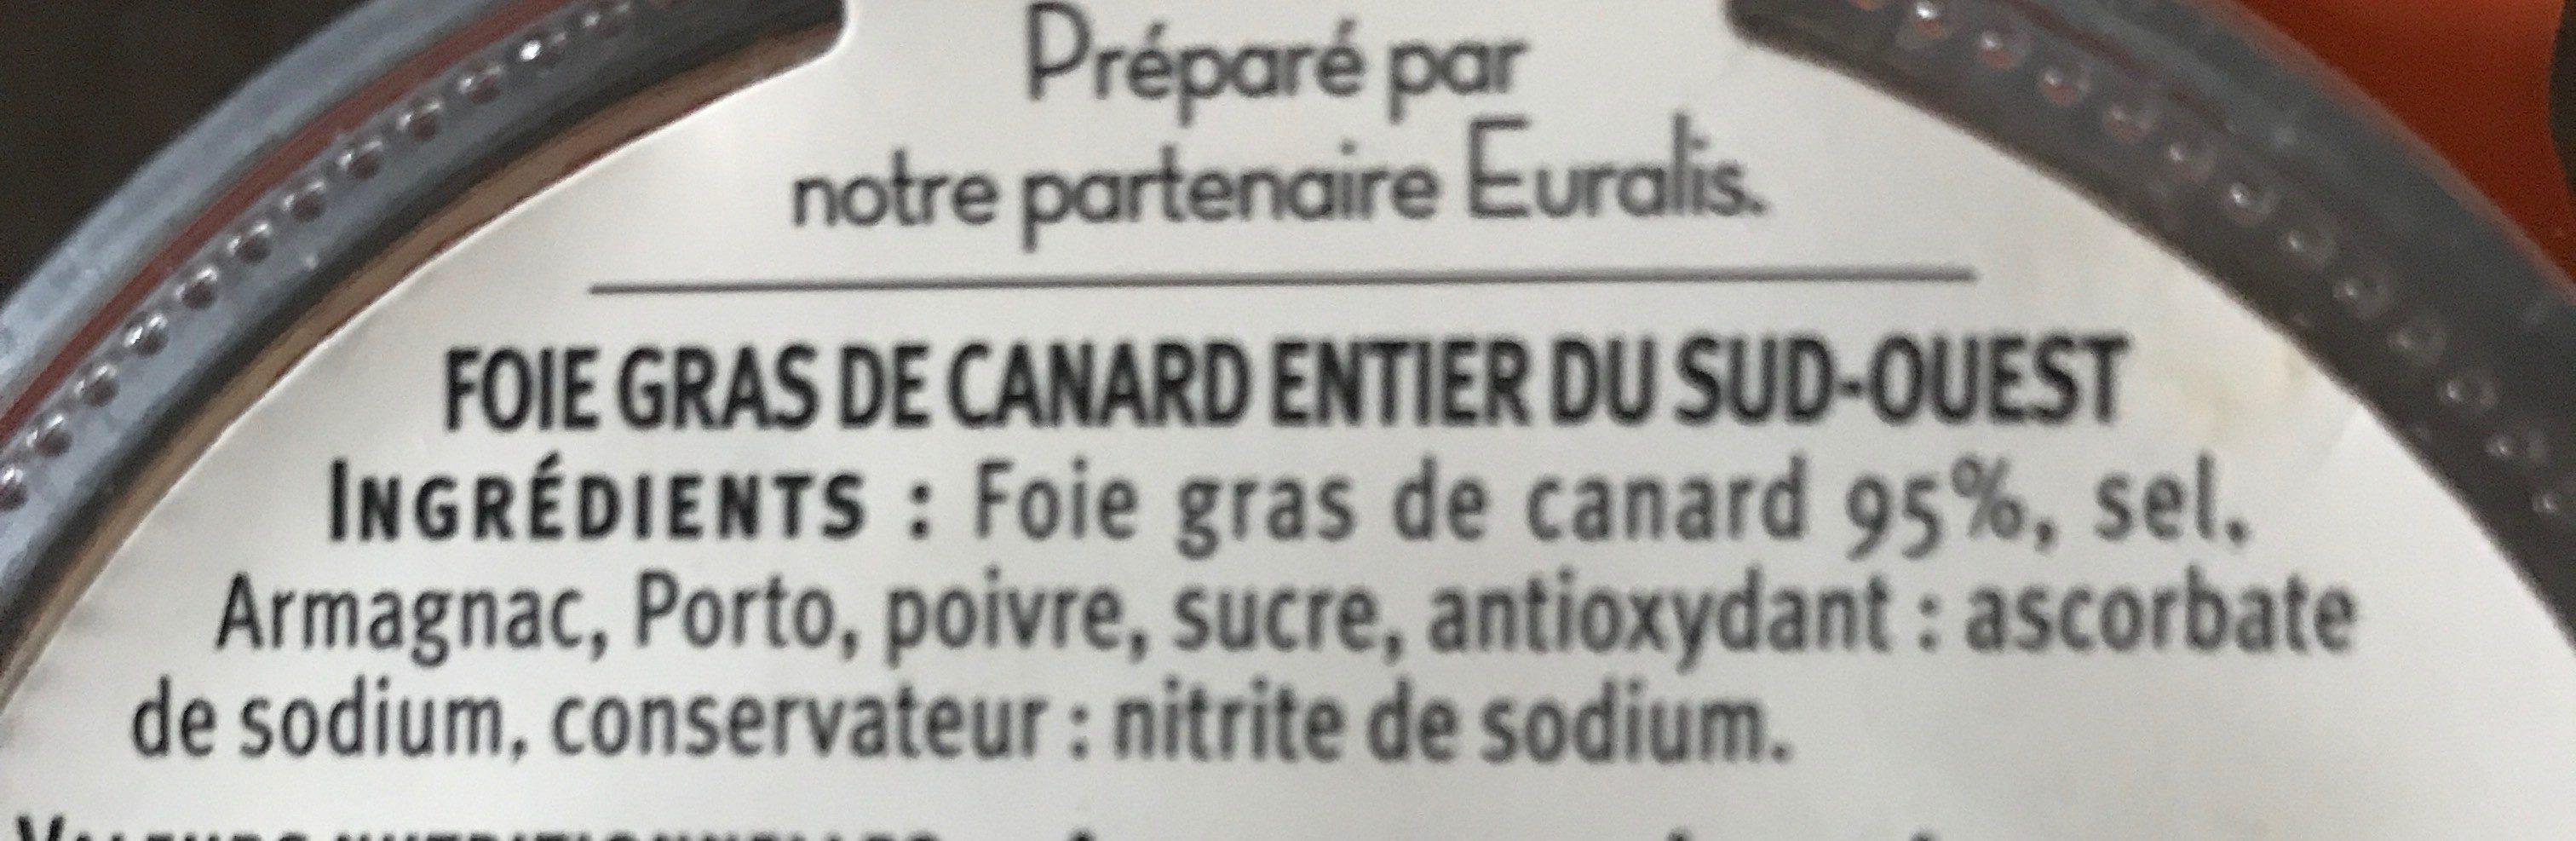 Foie Gras De Canard Entier Igp Du Sud Ouest U Saveurs, Bocal De - Ingredients